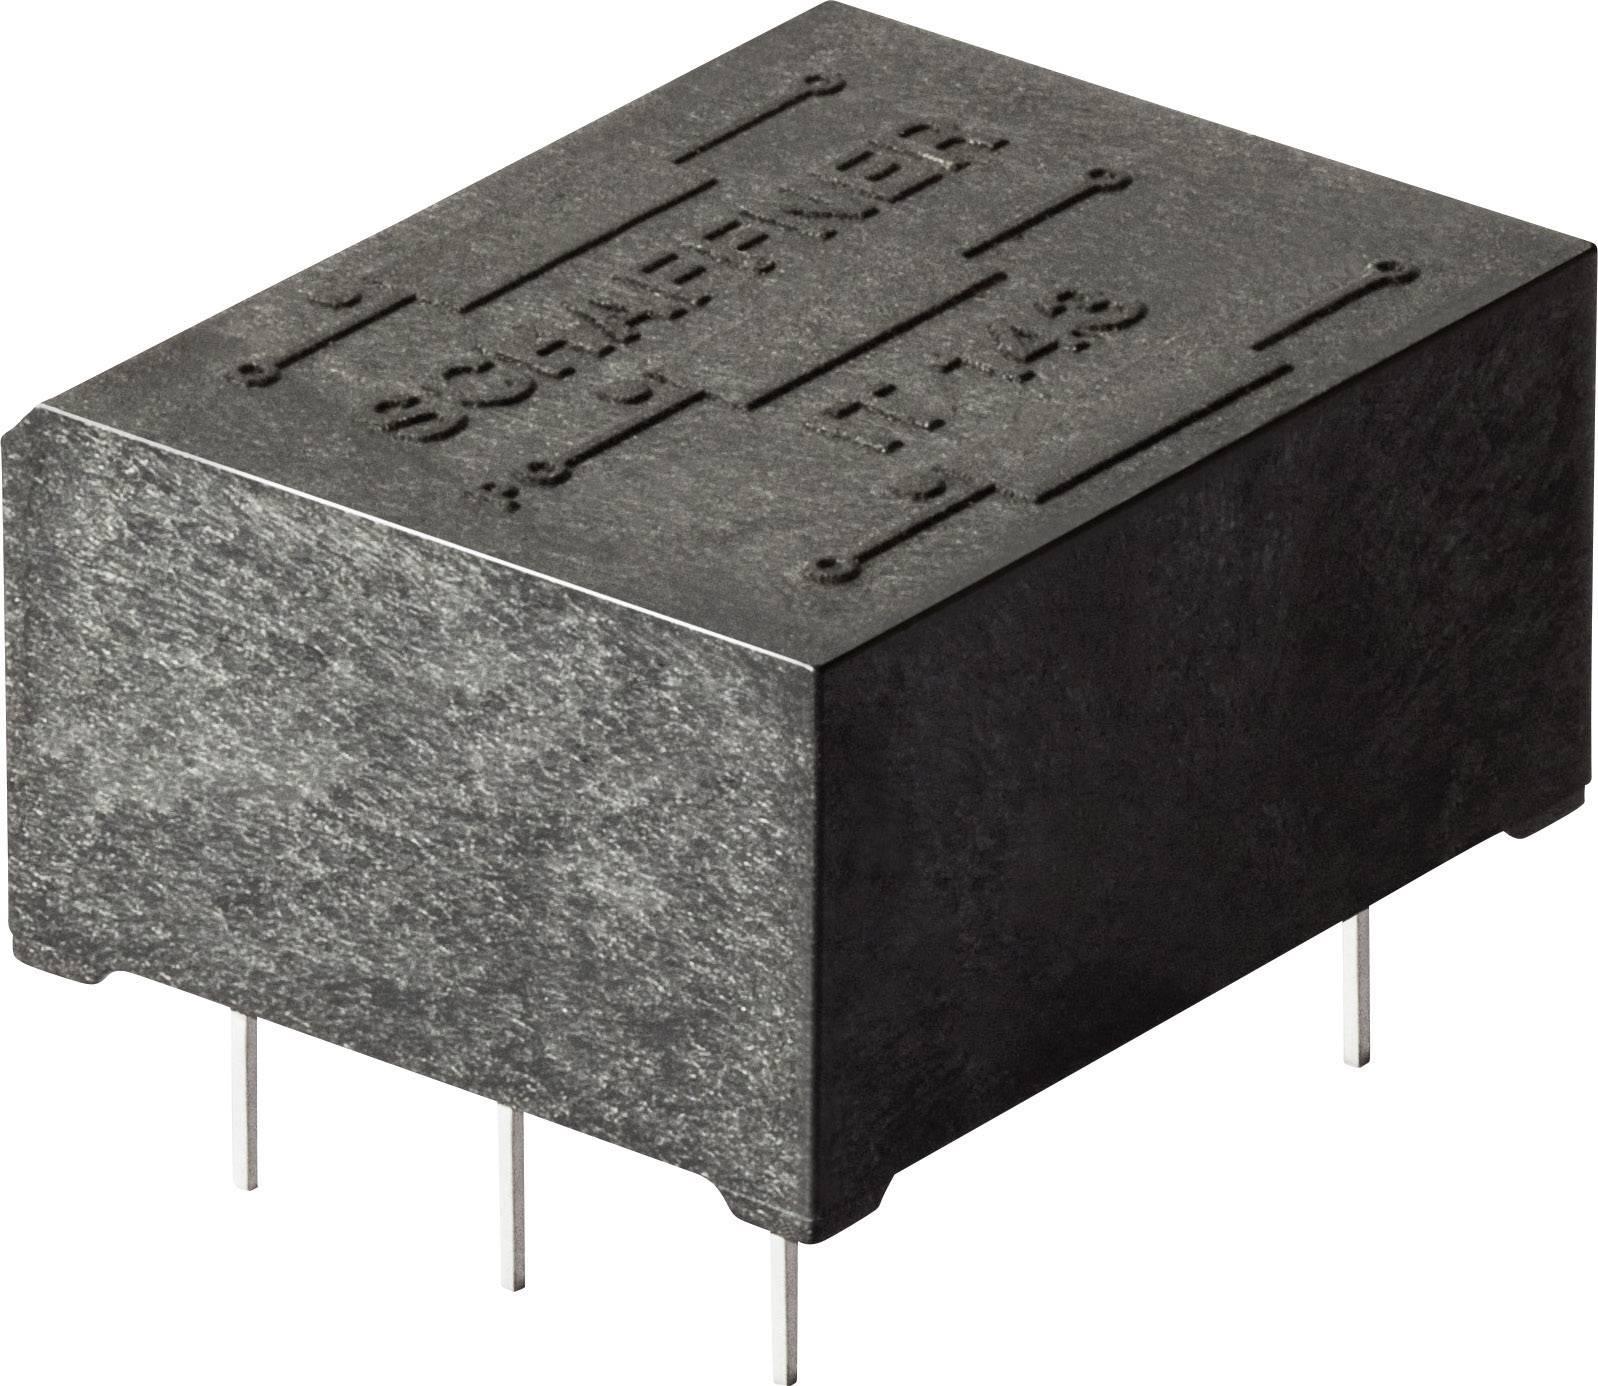 Pulzný transformátor Schaffner IT234 IT234, 500 V, 17 mH, (d x š x v) 27 x 22.5 x 13 mm, 1 ks